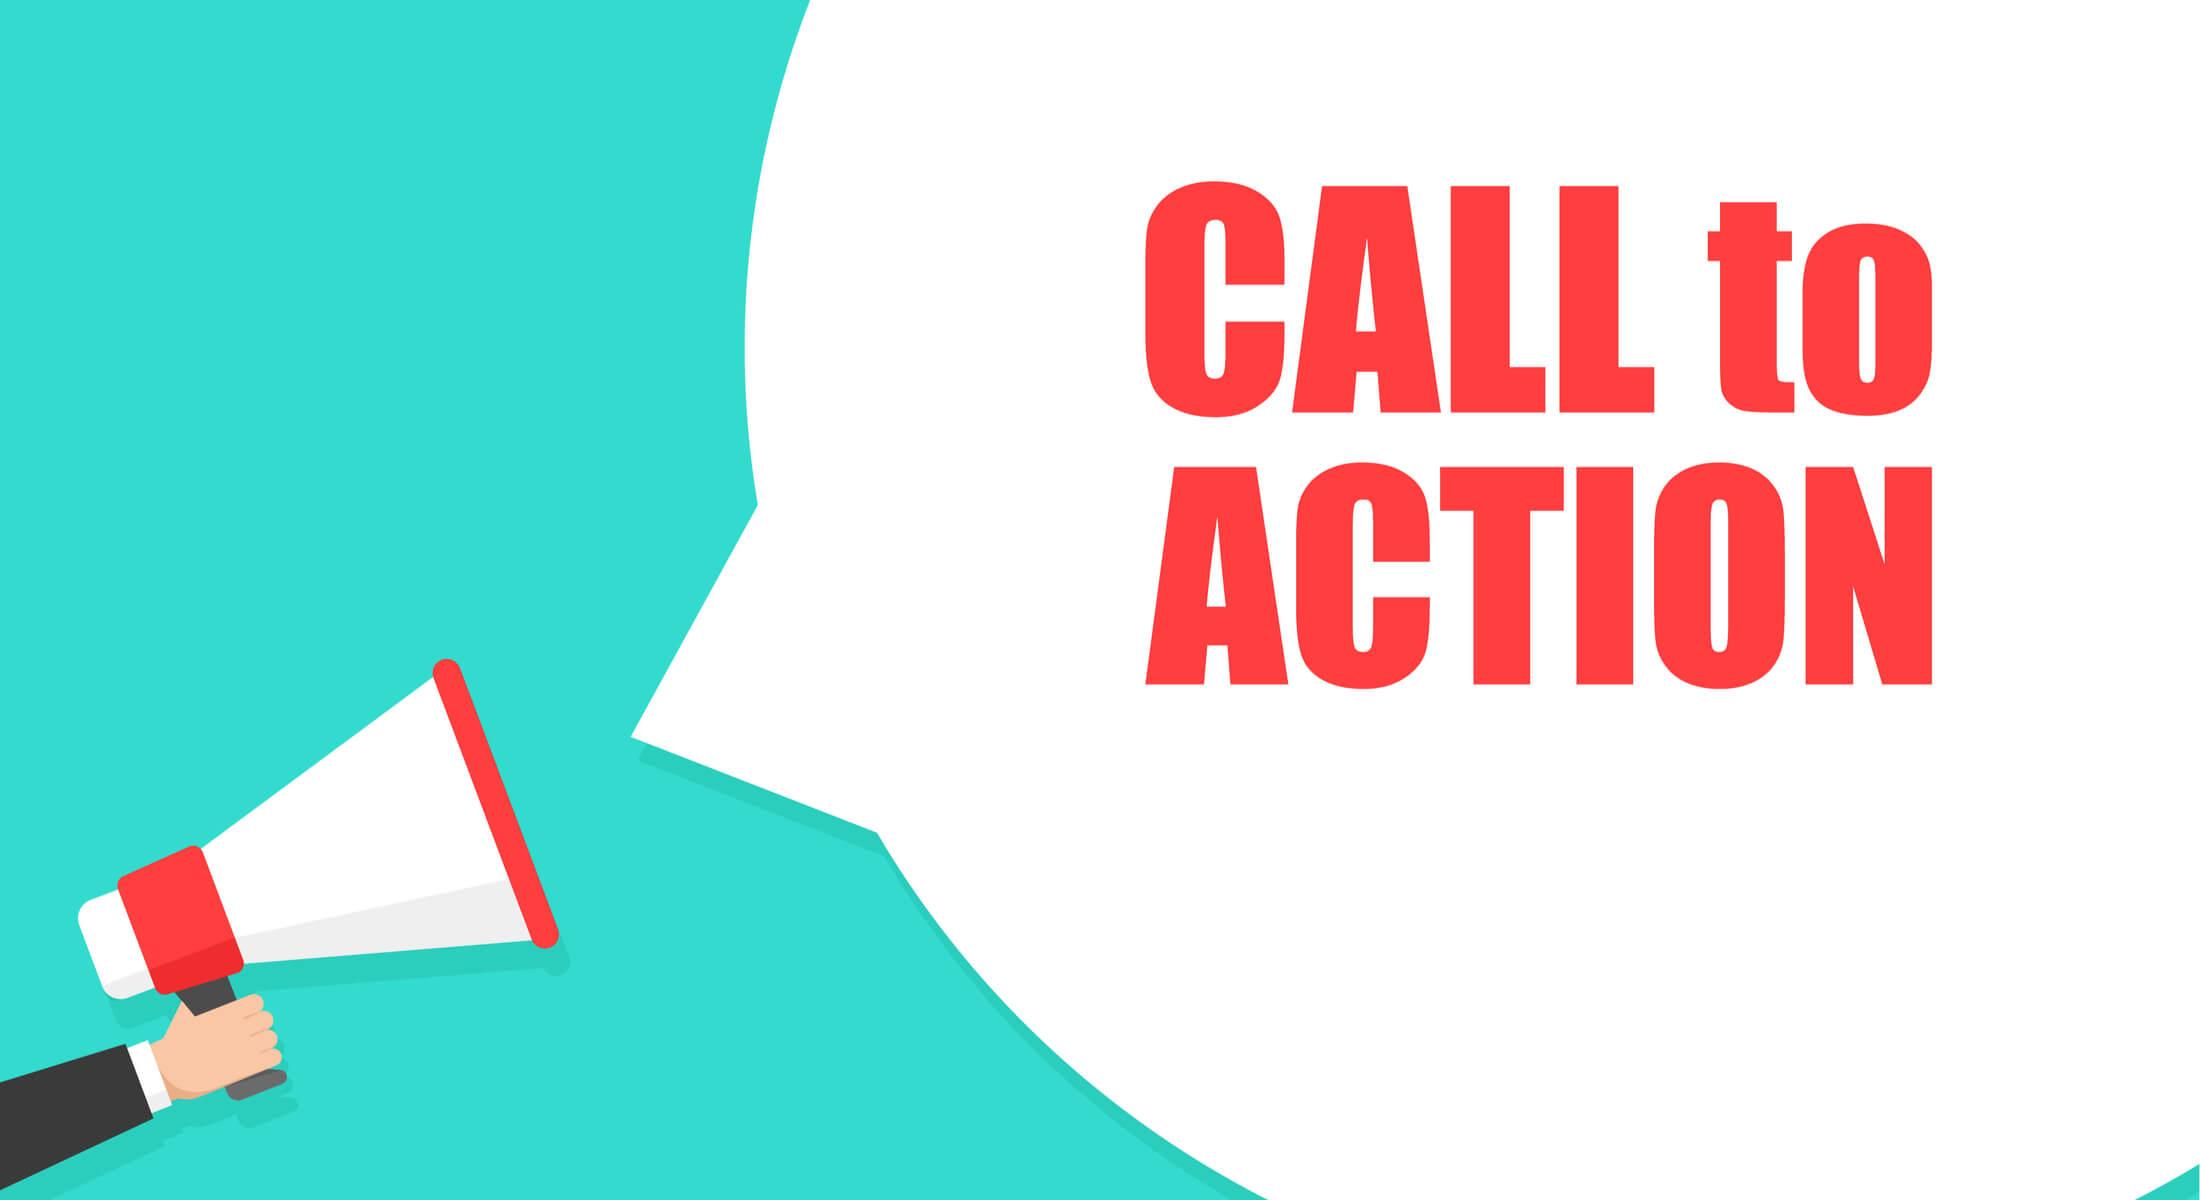 ilustração sobre call to action